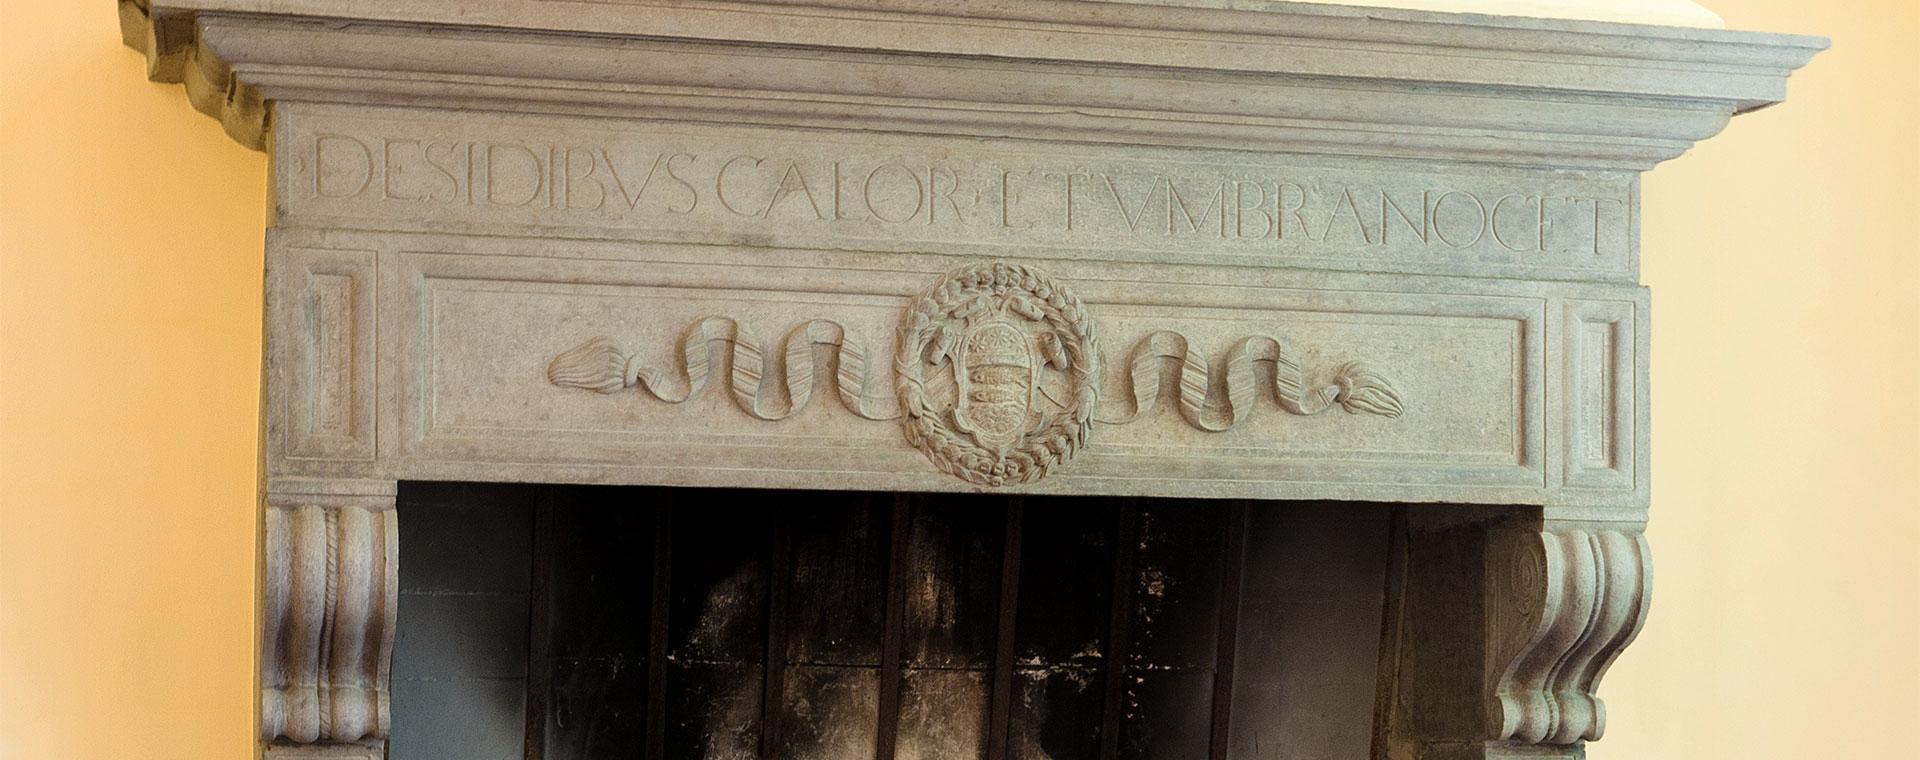 In vendita la villa toscana Giovagnoli-Sforza